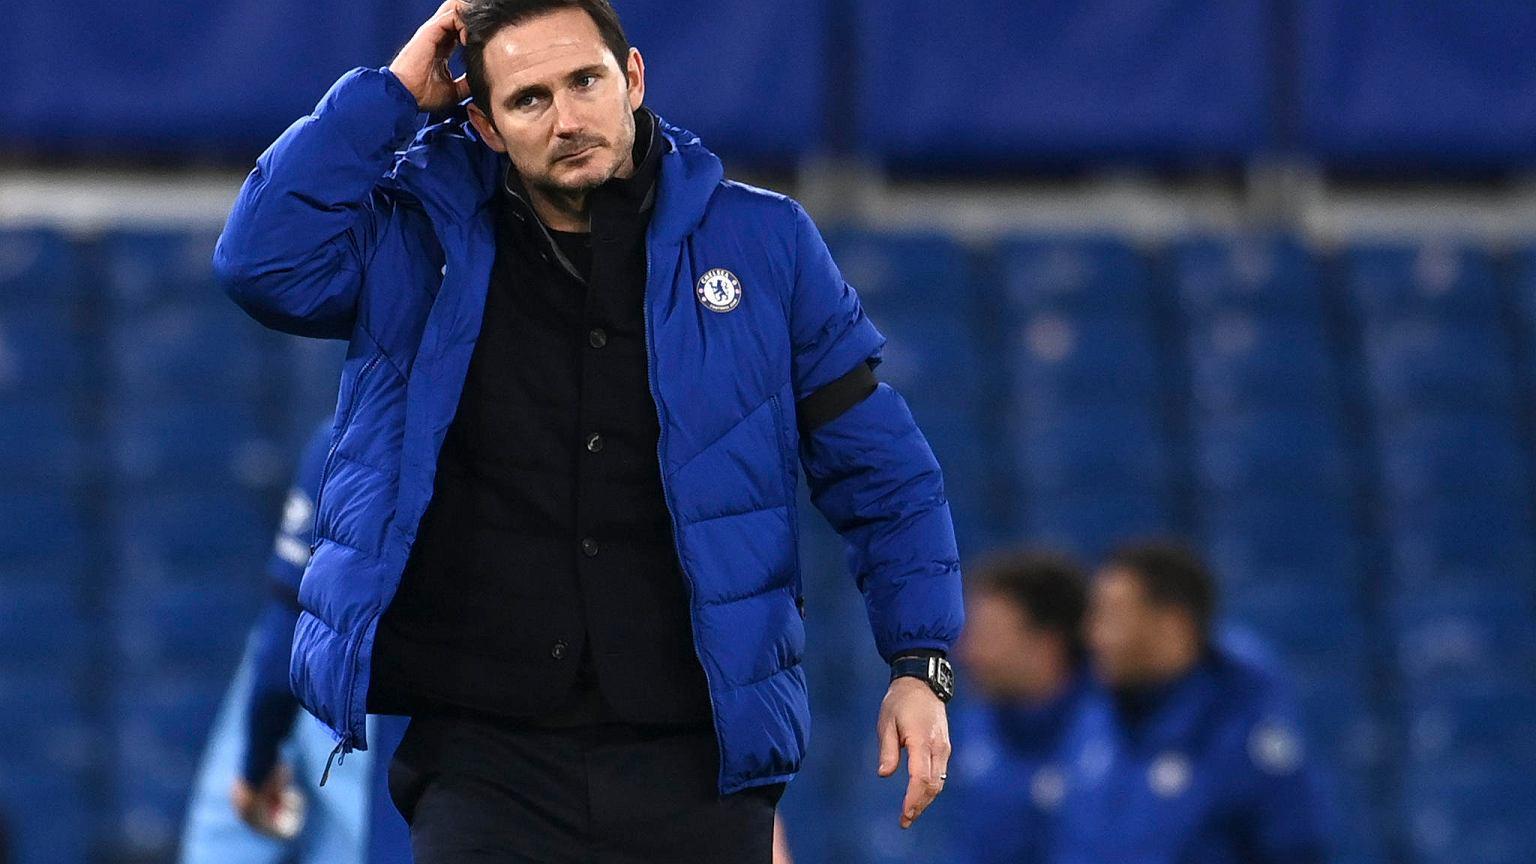 Oficjalnie: Frank Lampard zwolniony! Chelsea ma ju